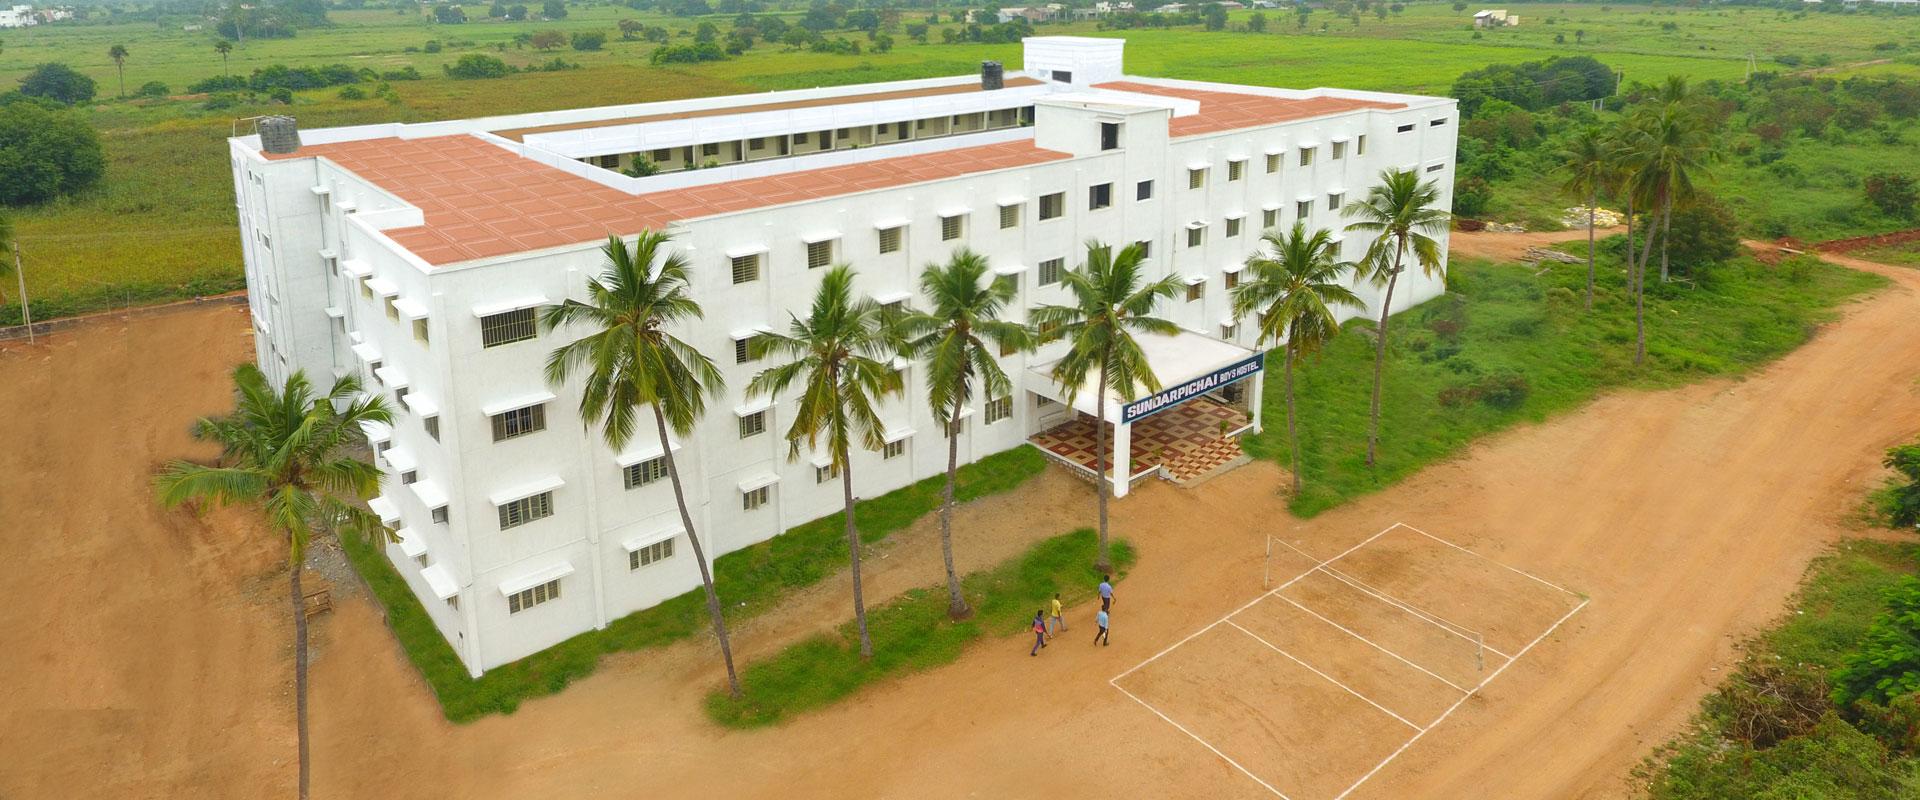 Hostel Facility 1